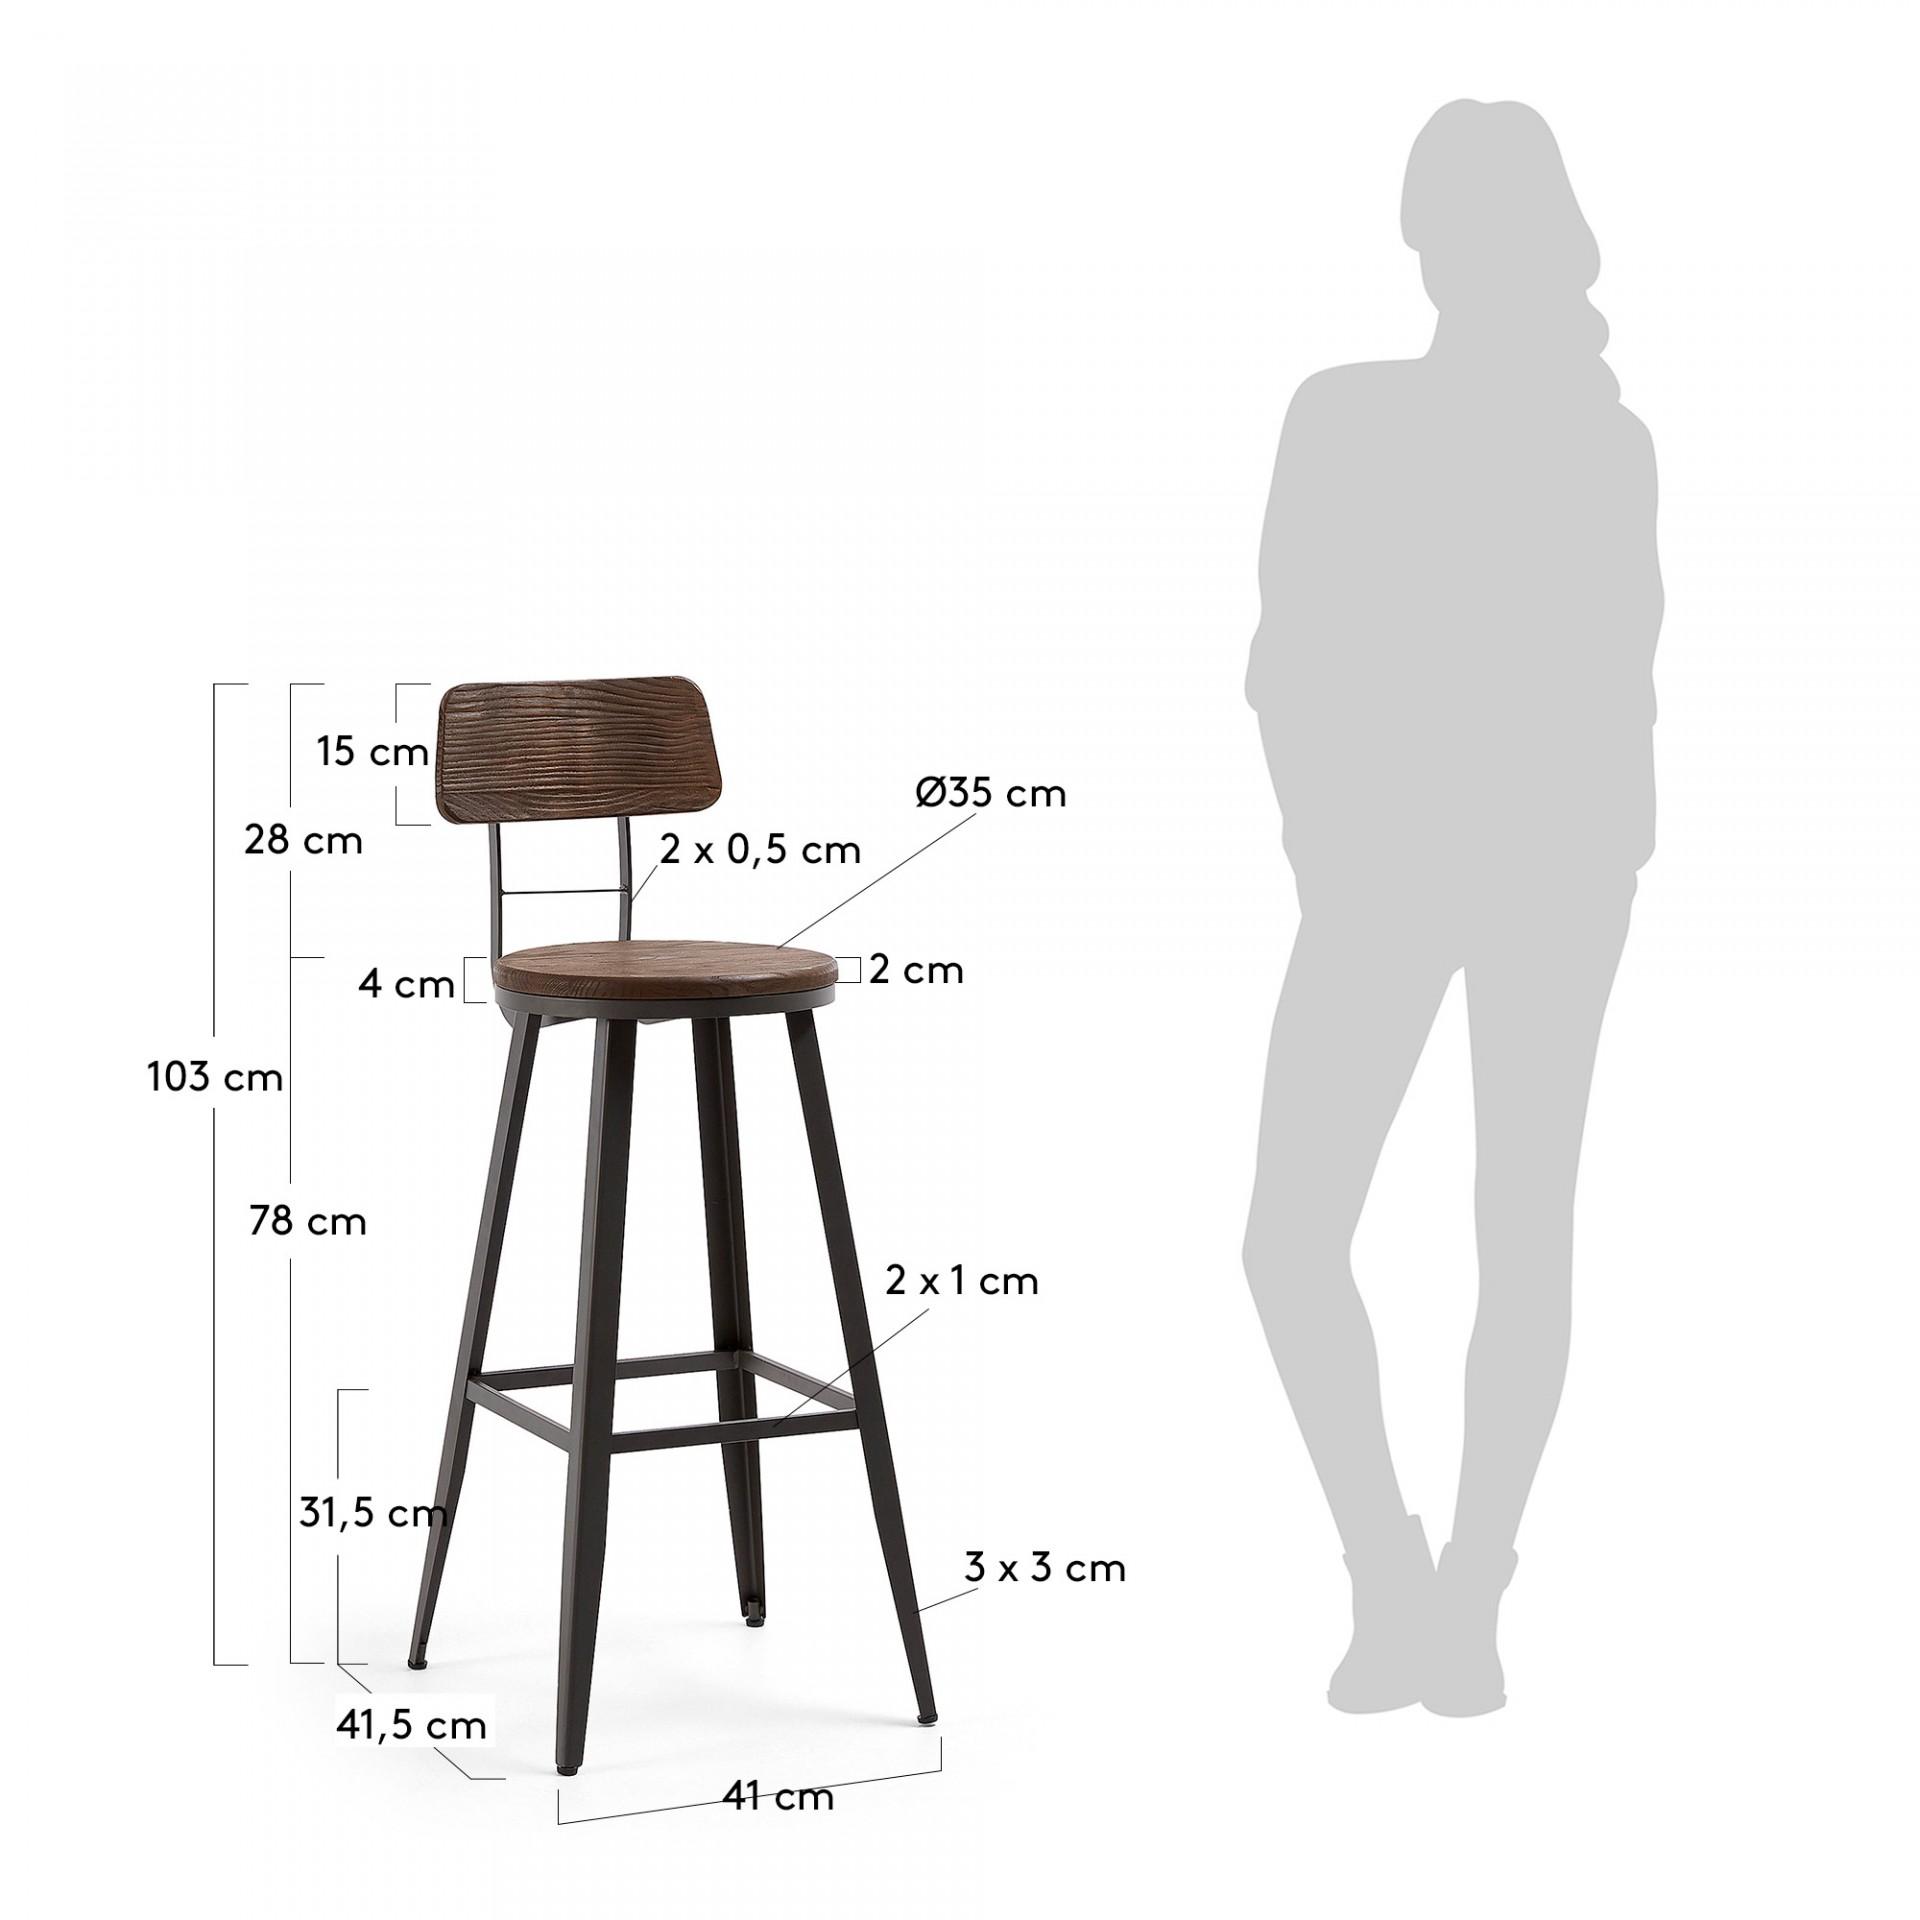 Cadeira de bar Matilde, madeira de olmo, 78cm